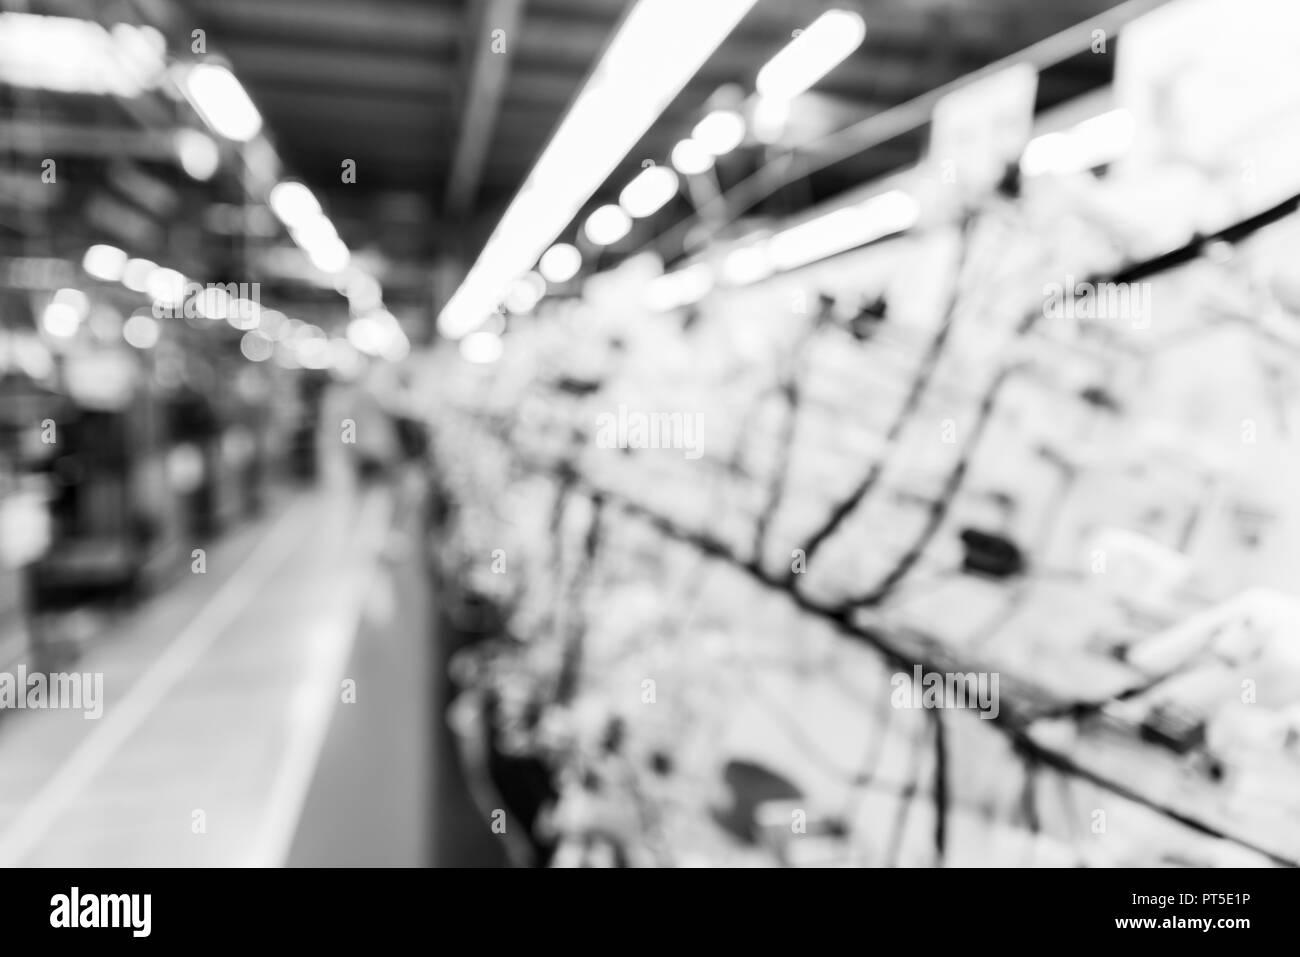 Zona de fabricación borrosa abstracta en la fábrica, Fondo para la industria, el efecto monocromo Foto de stock